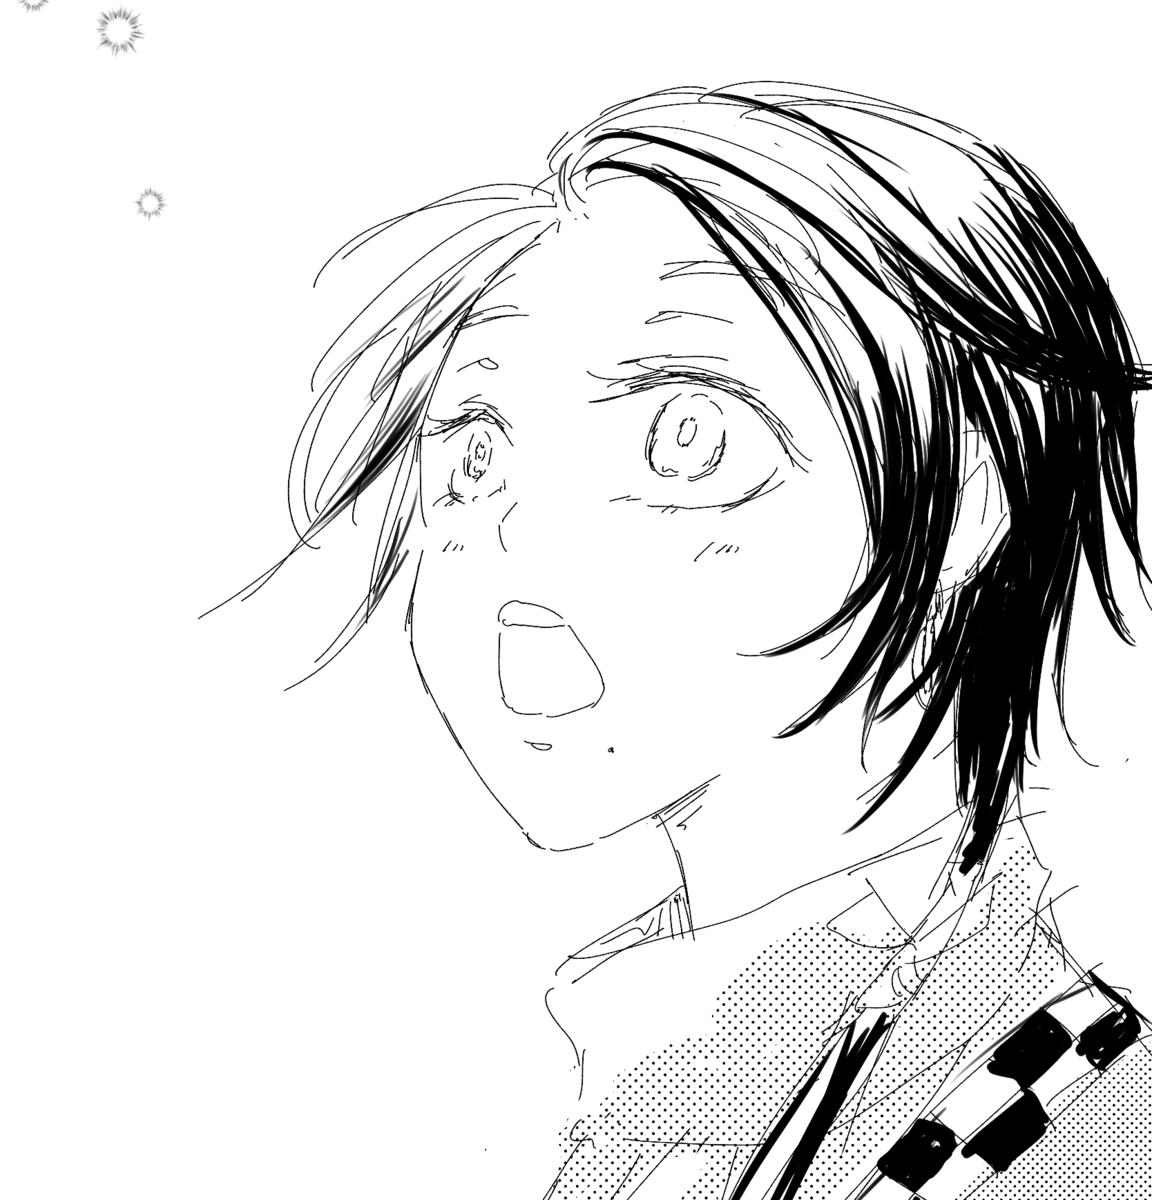 f:id:harucu_te:20200826221137p:plain